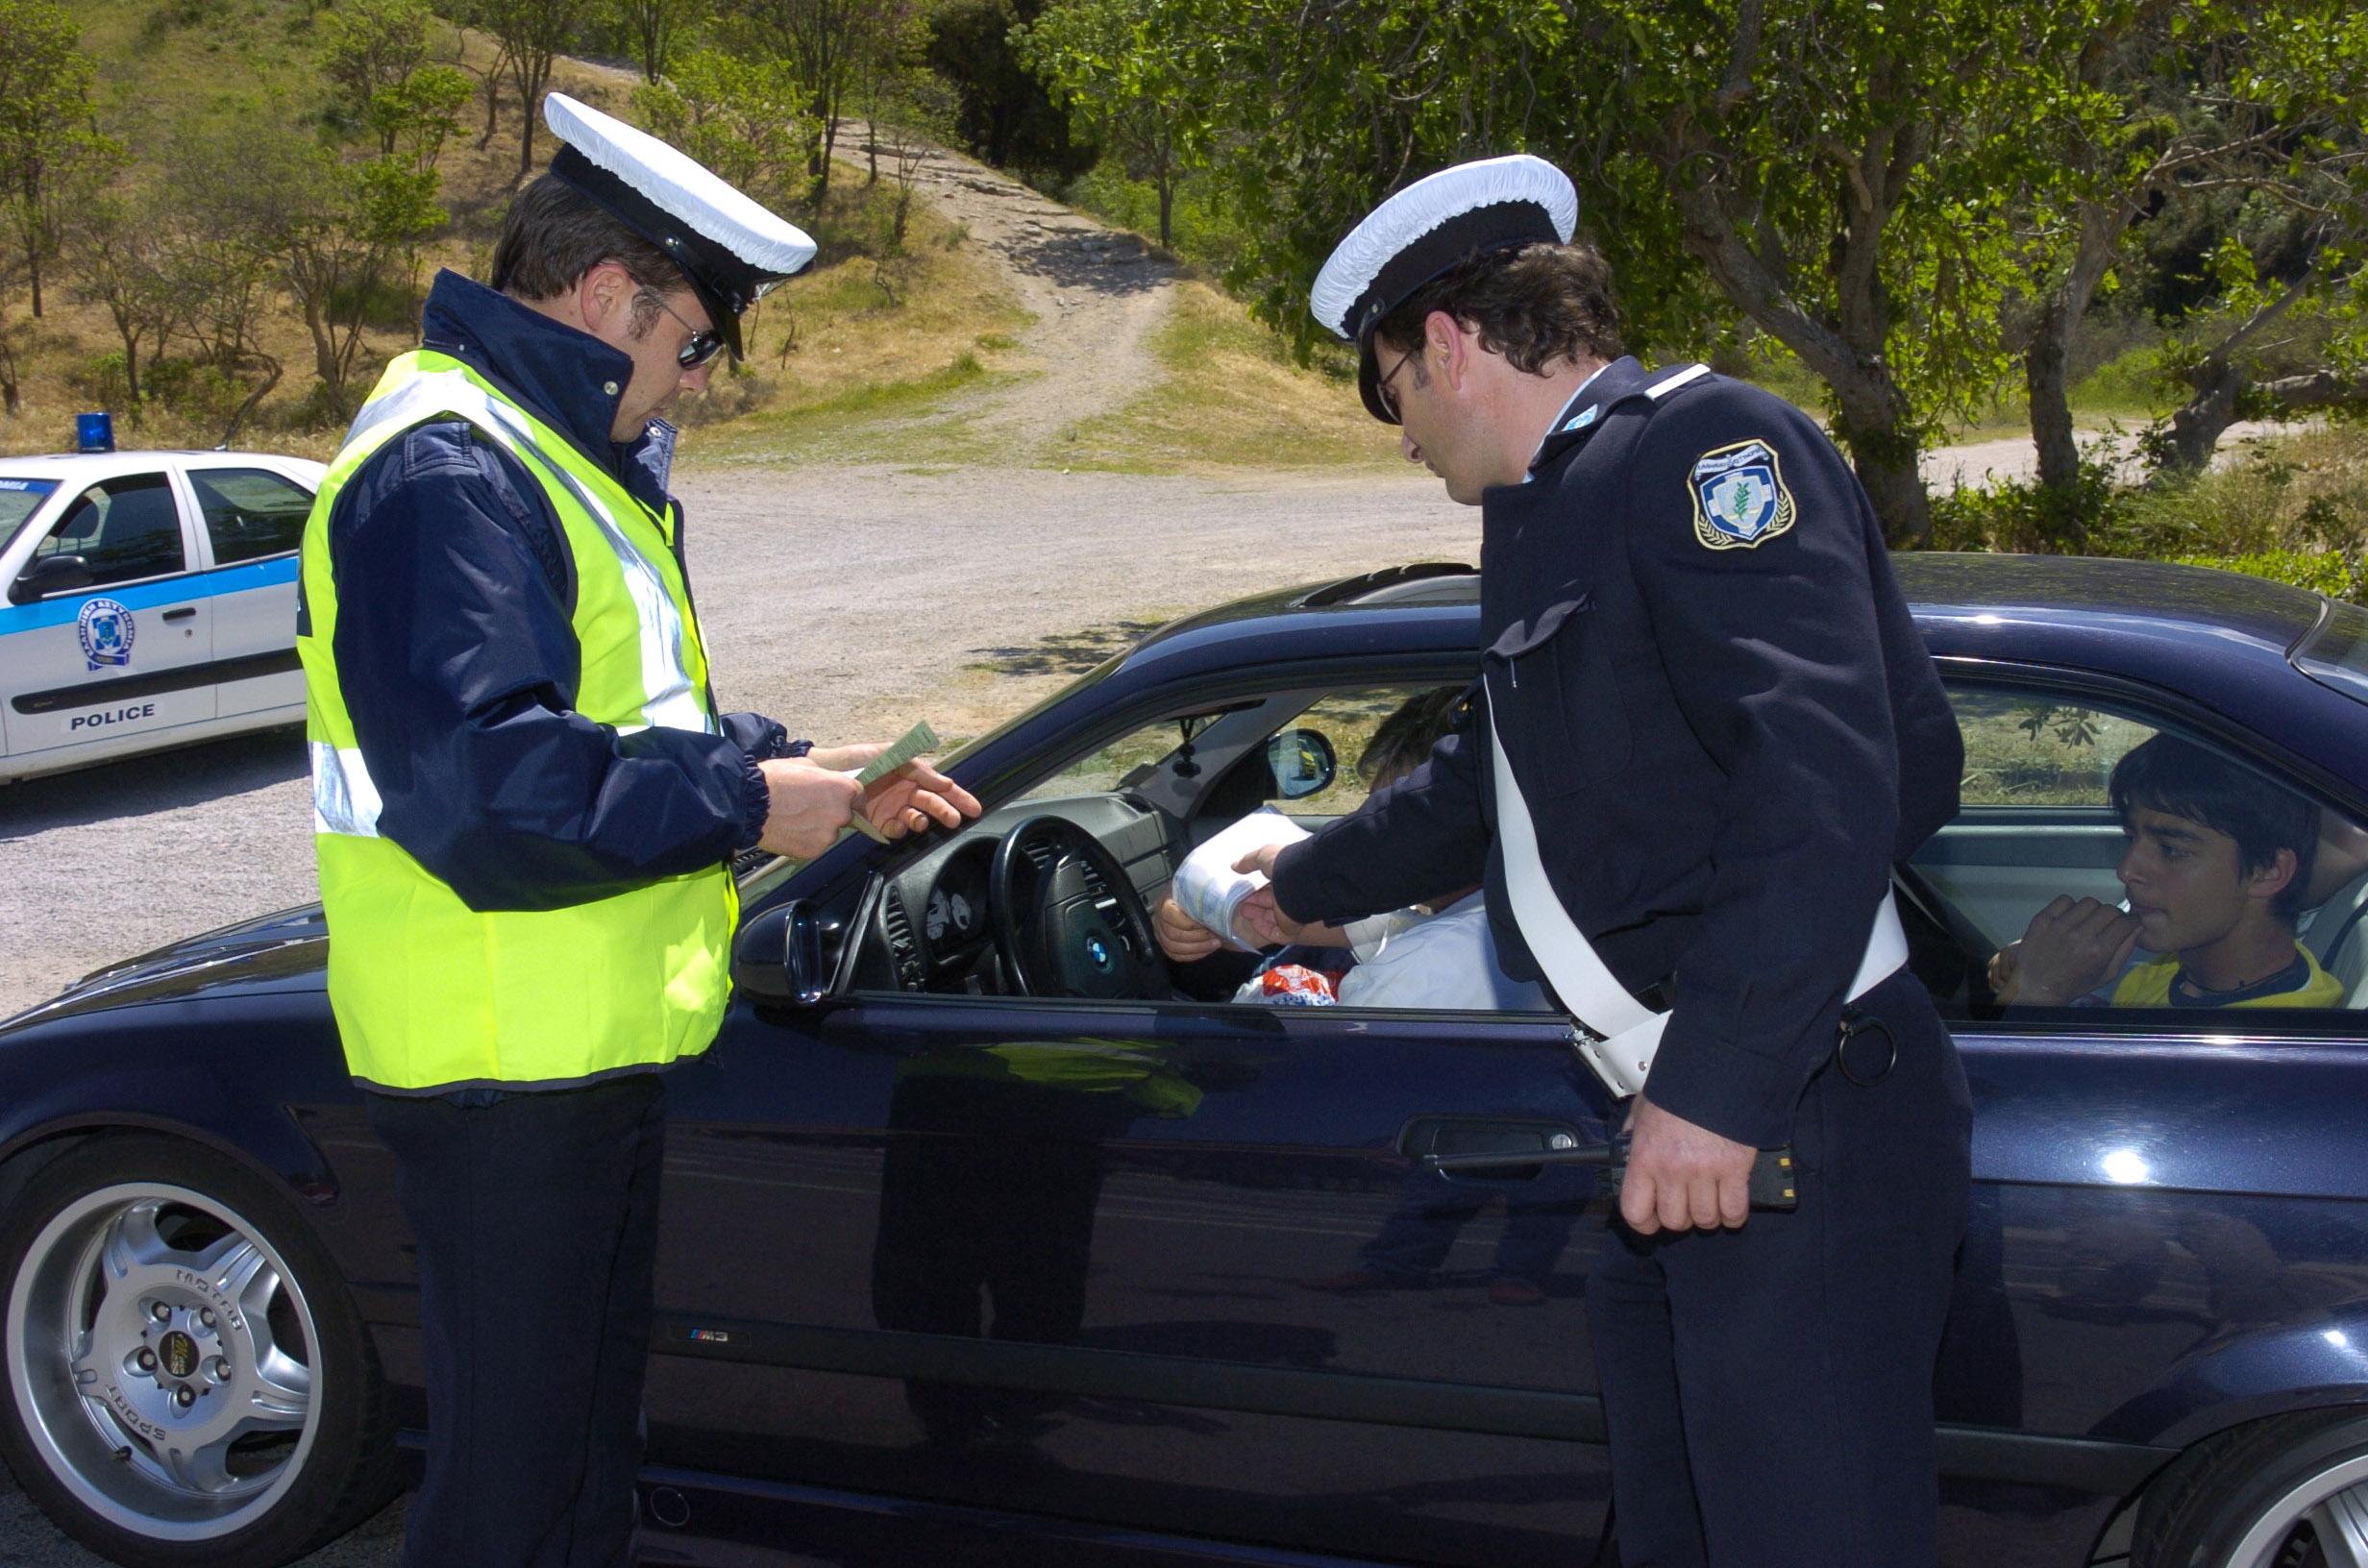 Ερχονται αλλαγές στα διπλώματα οδήγησης – Τι προβλέπει το πολυνομοσχέδιο